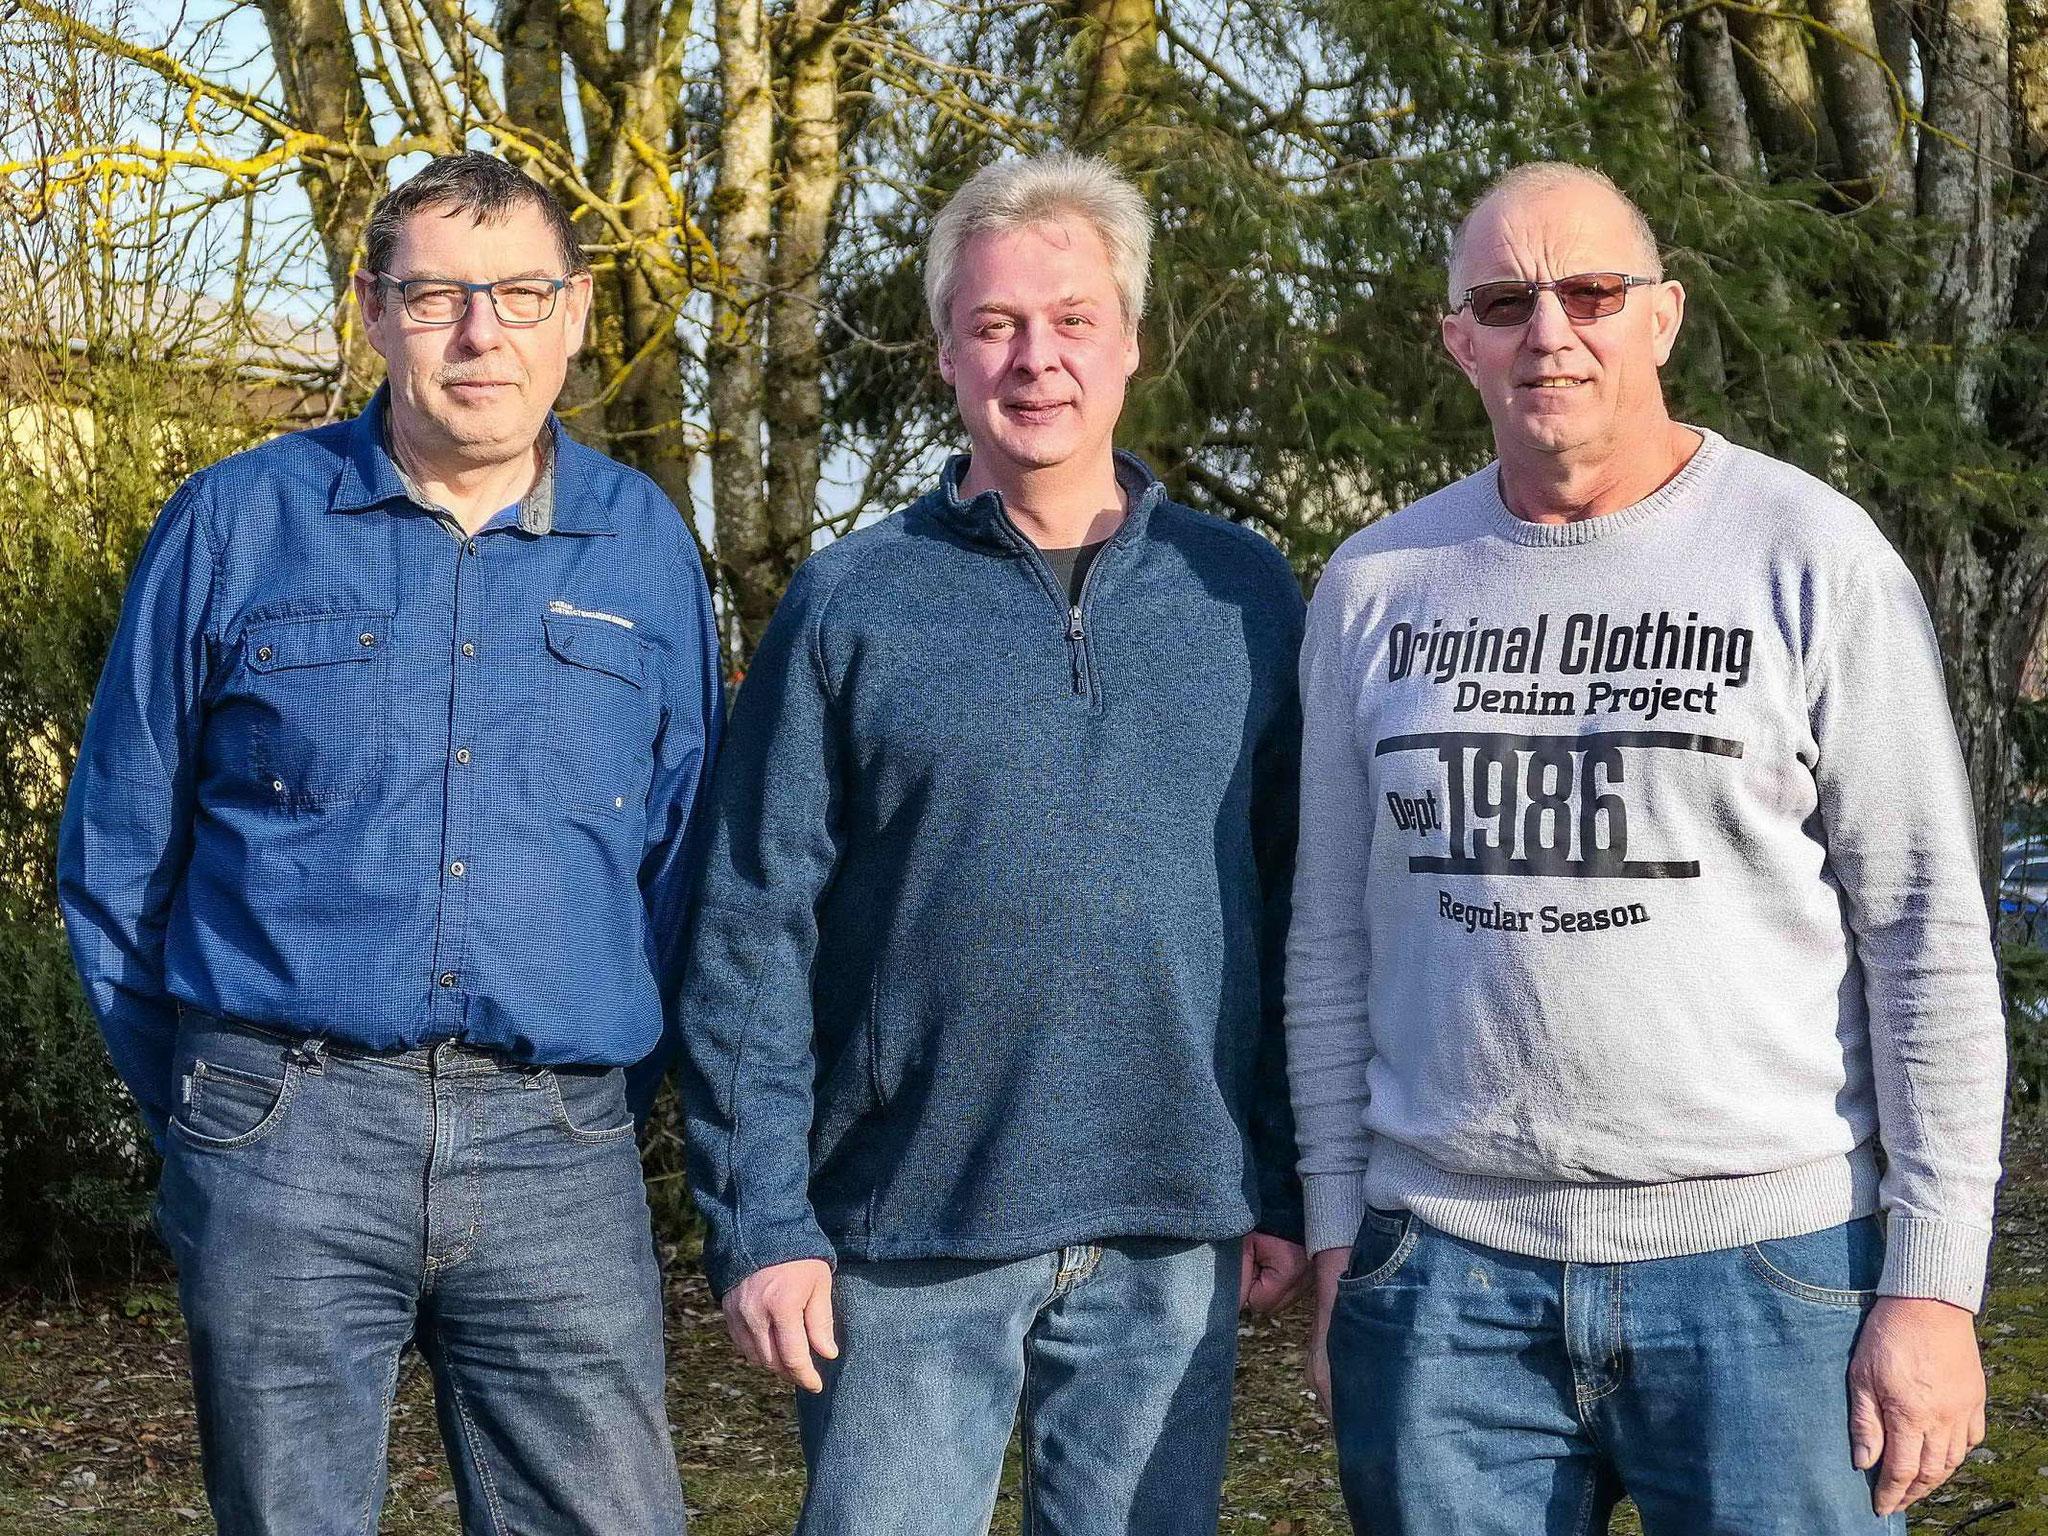 Die neuen Vorstände - v.l: Karl-Heinz Wössner, Gebhard Rall, Karl Baumann